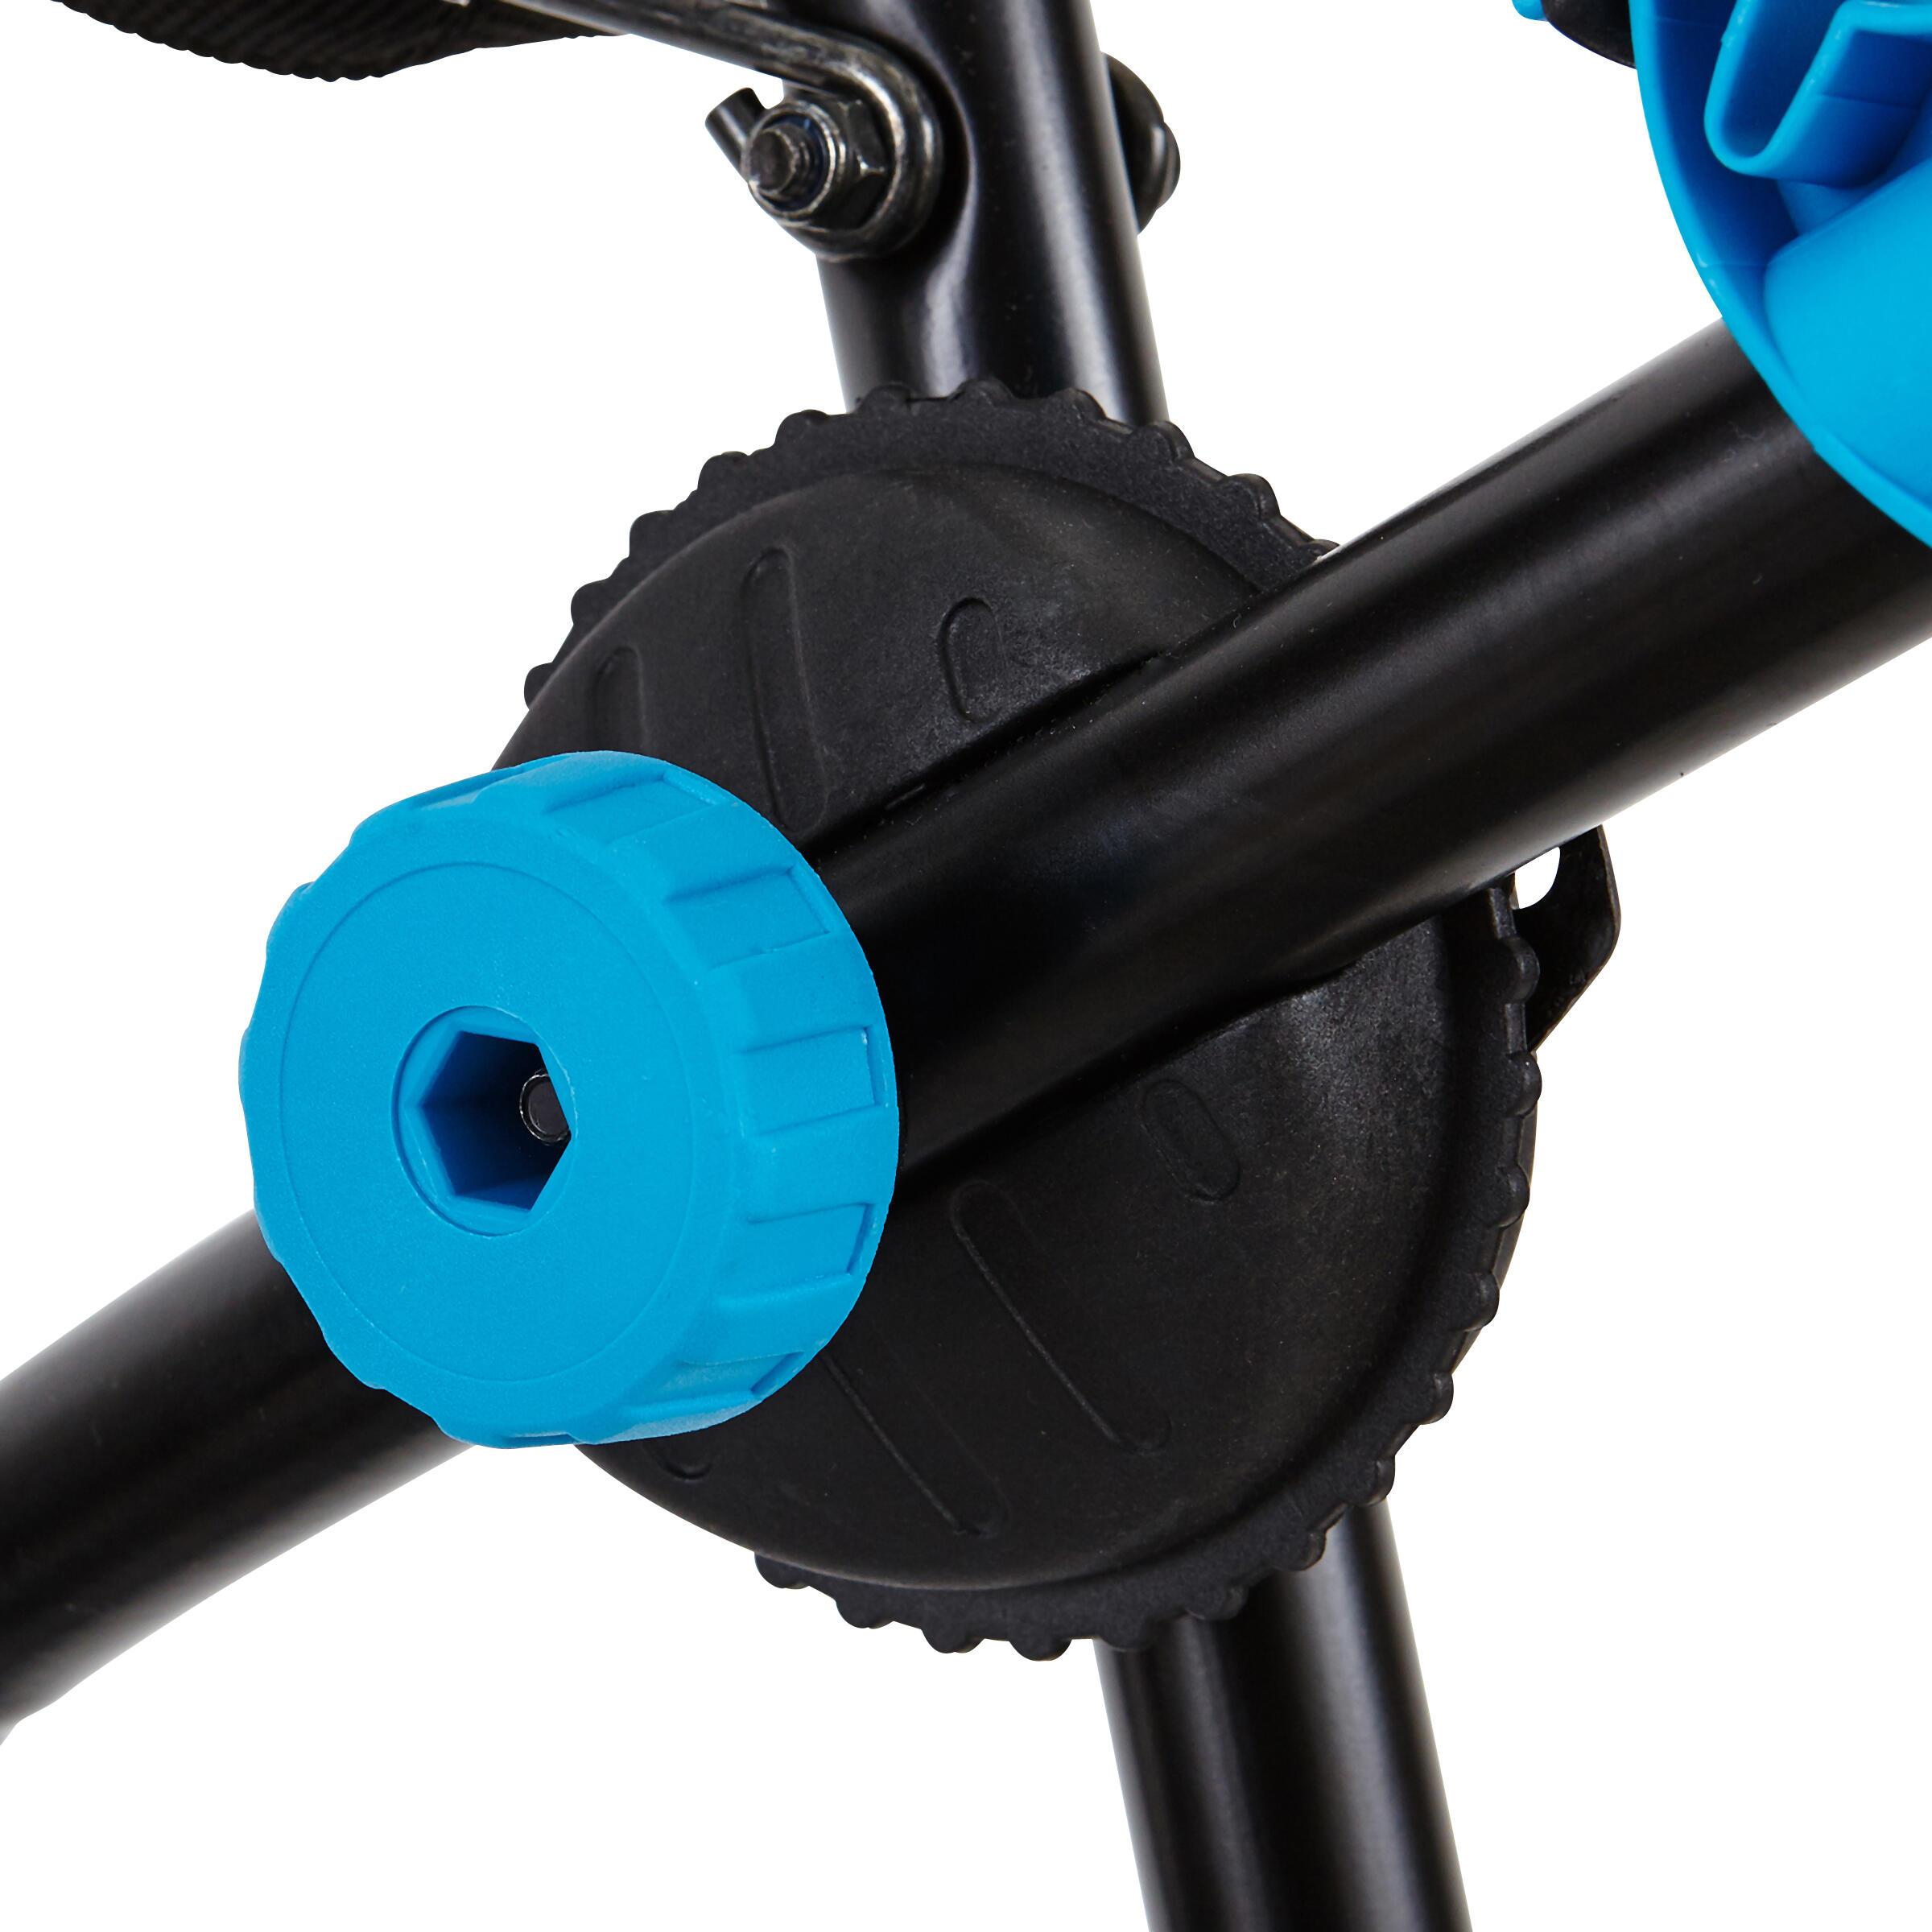 Porte vélo hayon 300 2-3 vélos